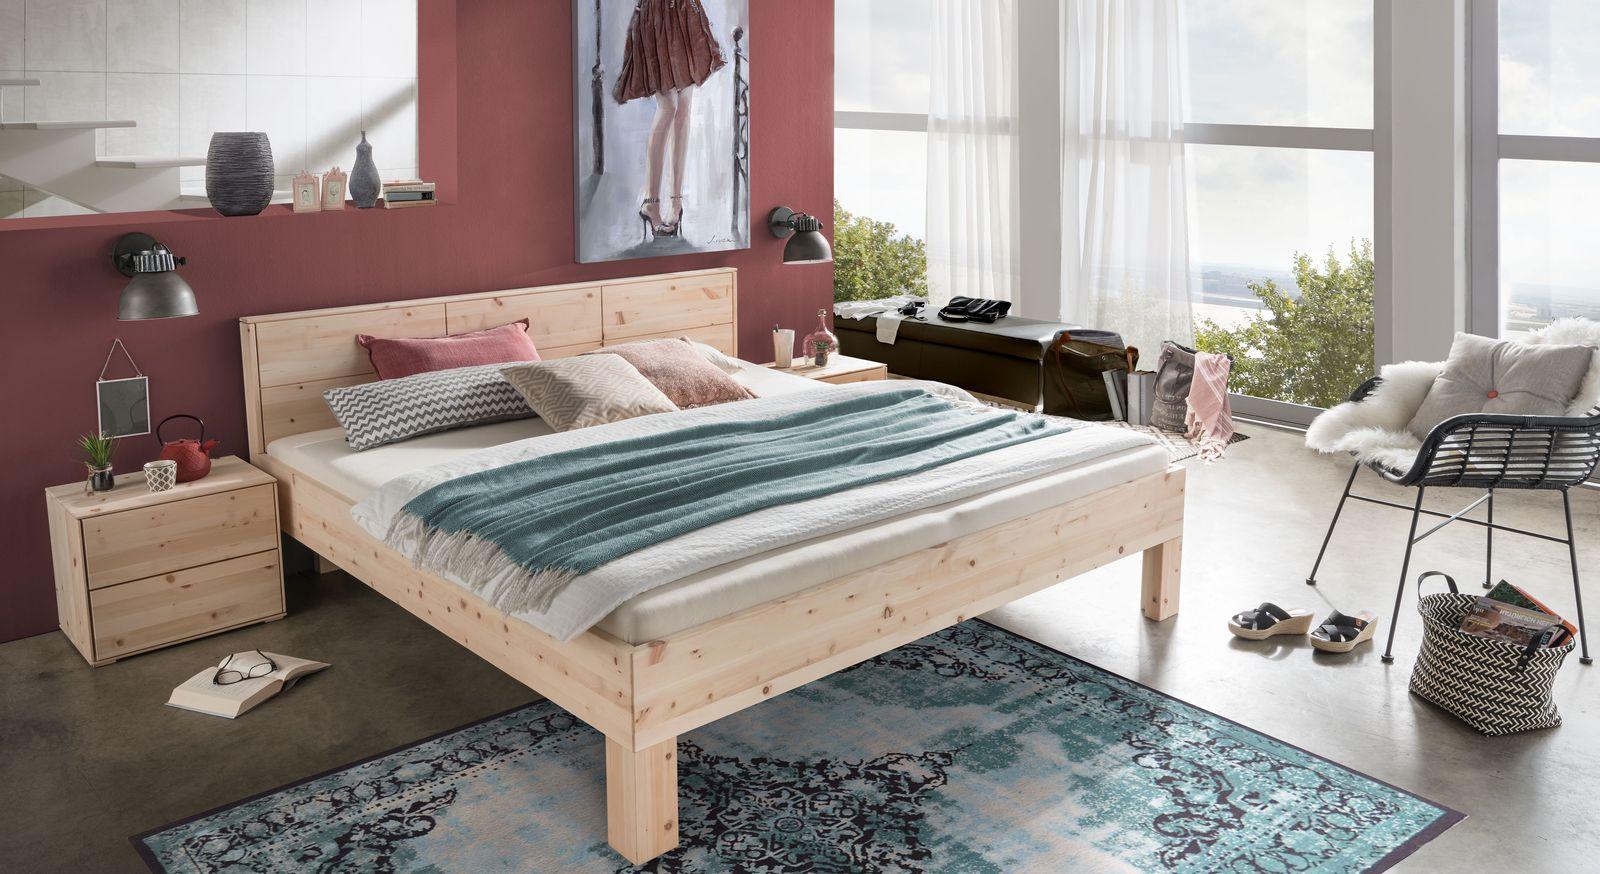 Bett Pirka mit passendem Nachttisch